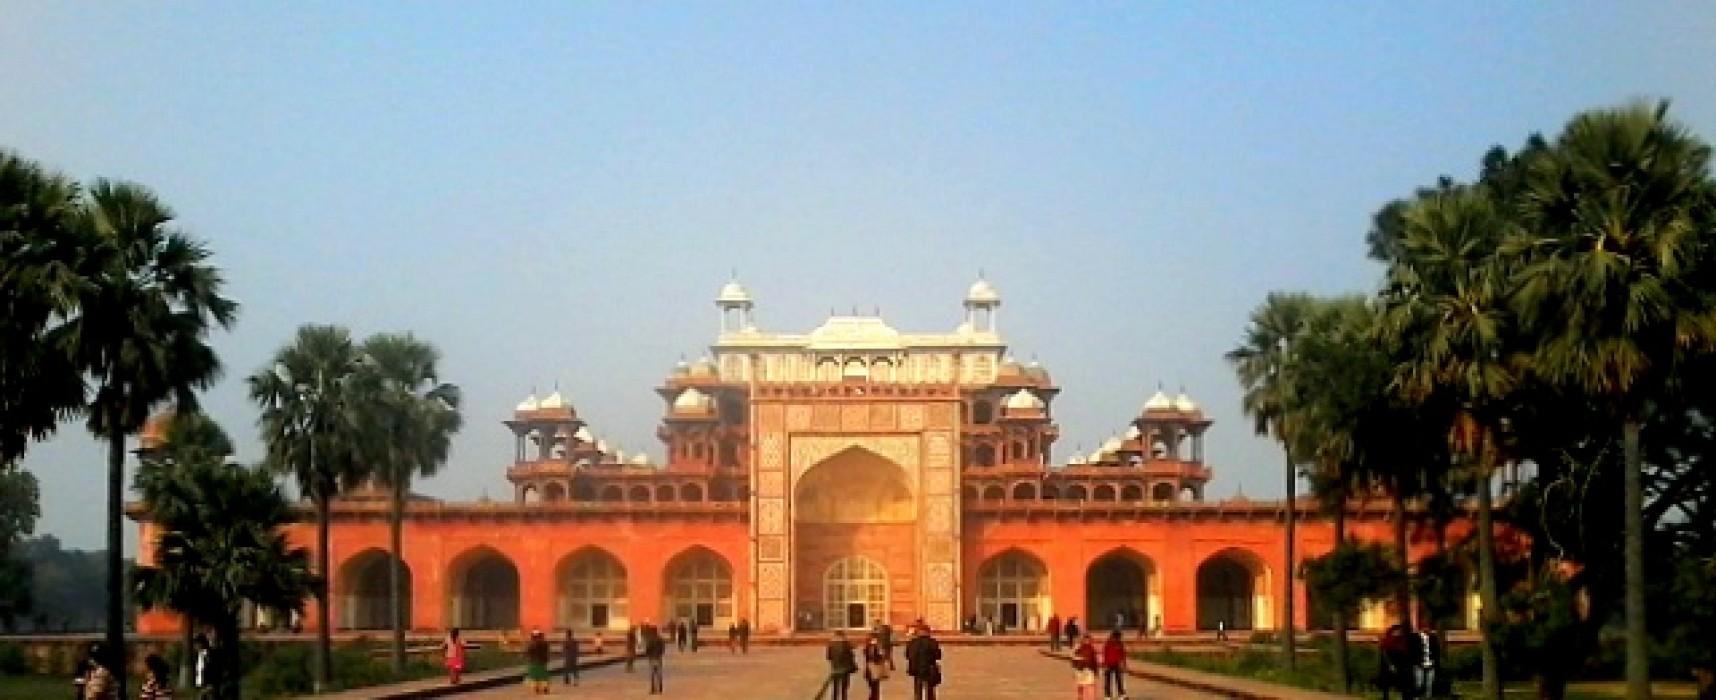 A Visit to Akbar's Tomb, Sikandra